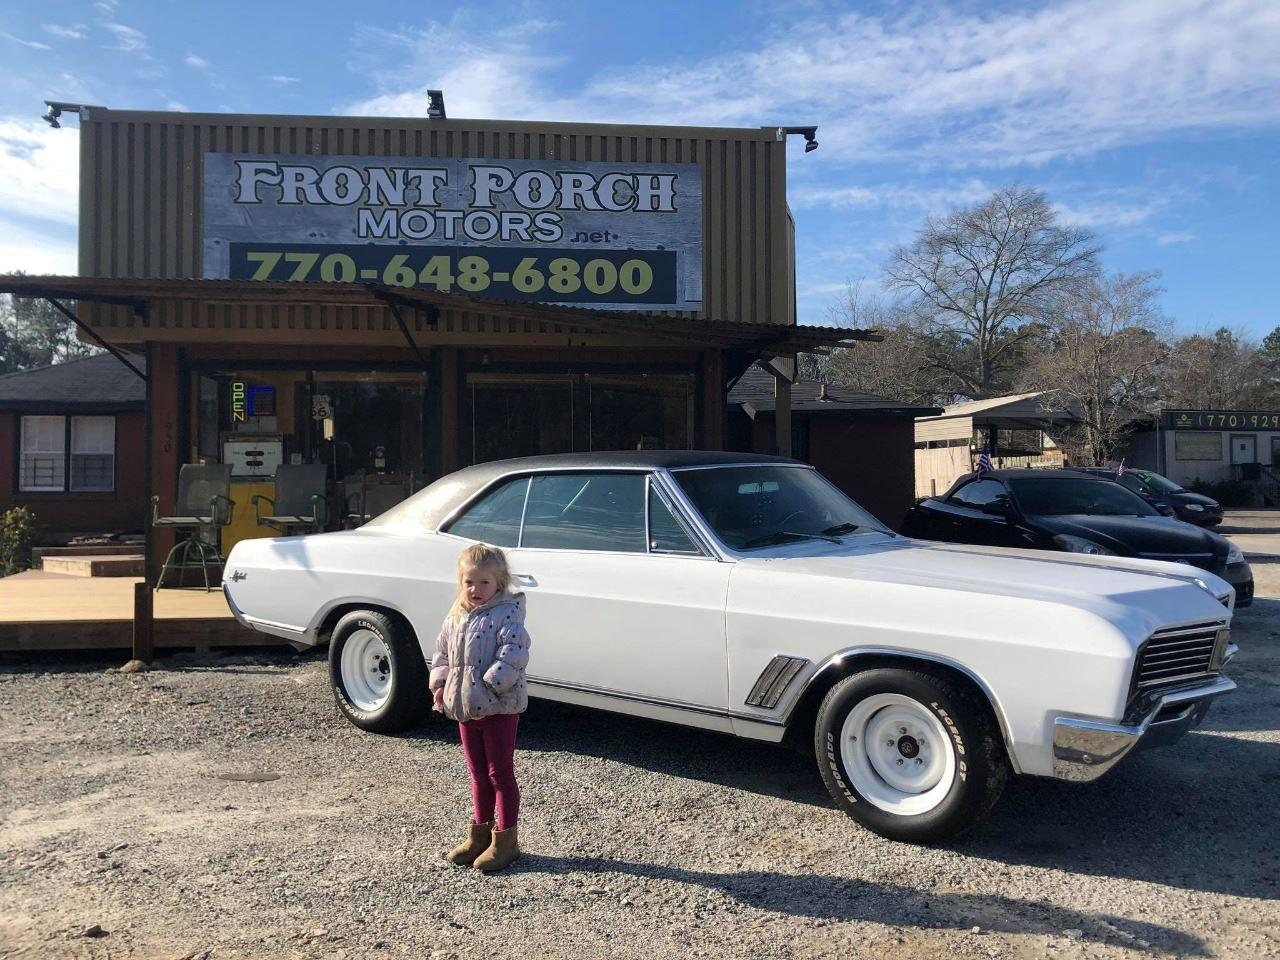 Front Porch Motors Inc.